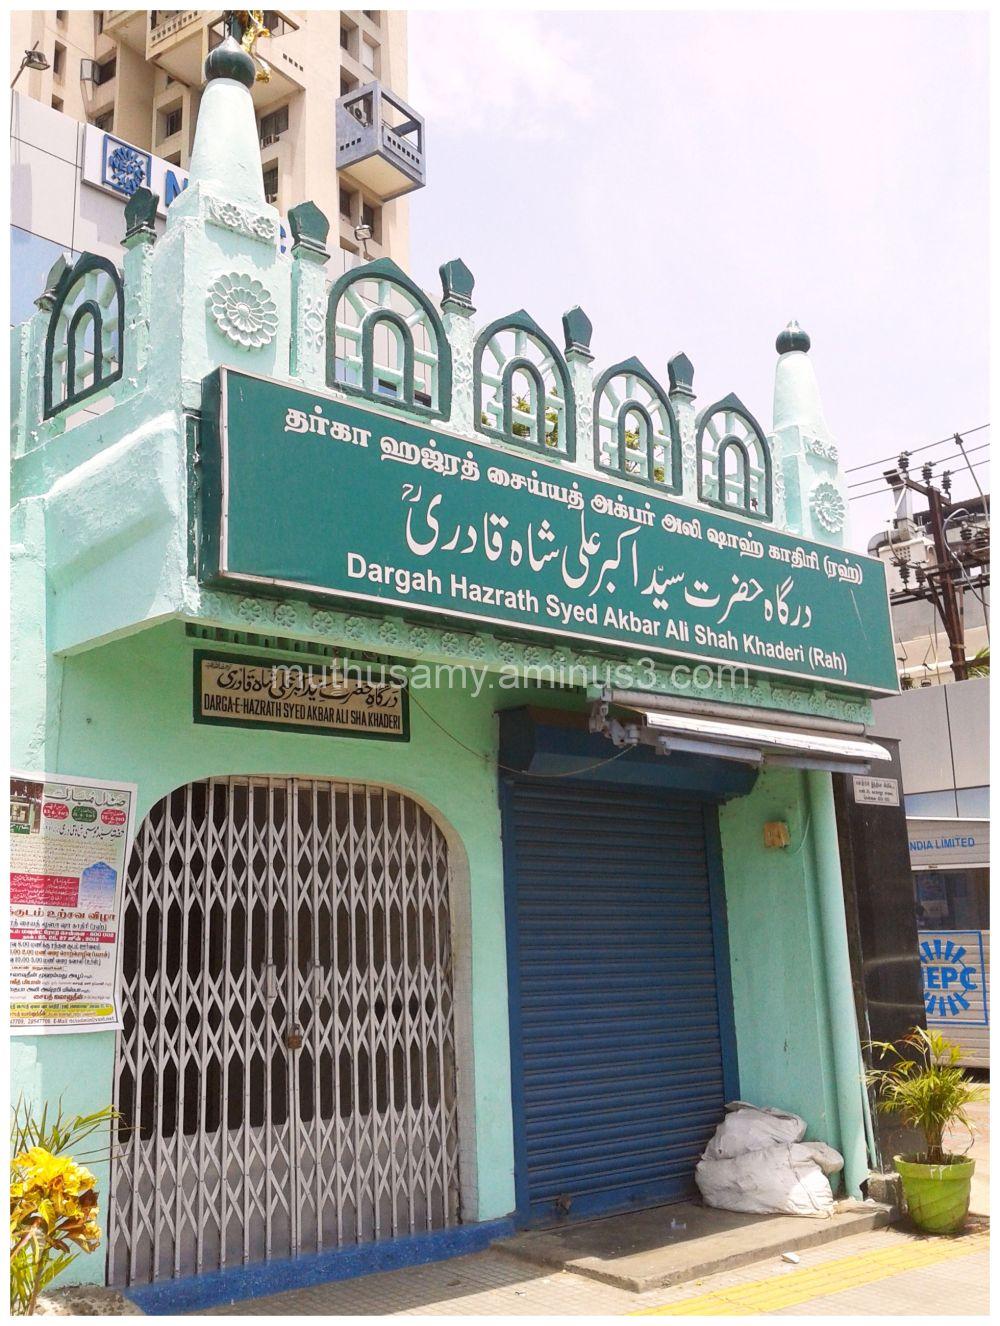 Datgah Hazrath Syed Akbar Ali Shah Khaderi Chennai